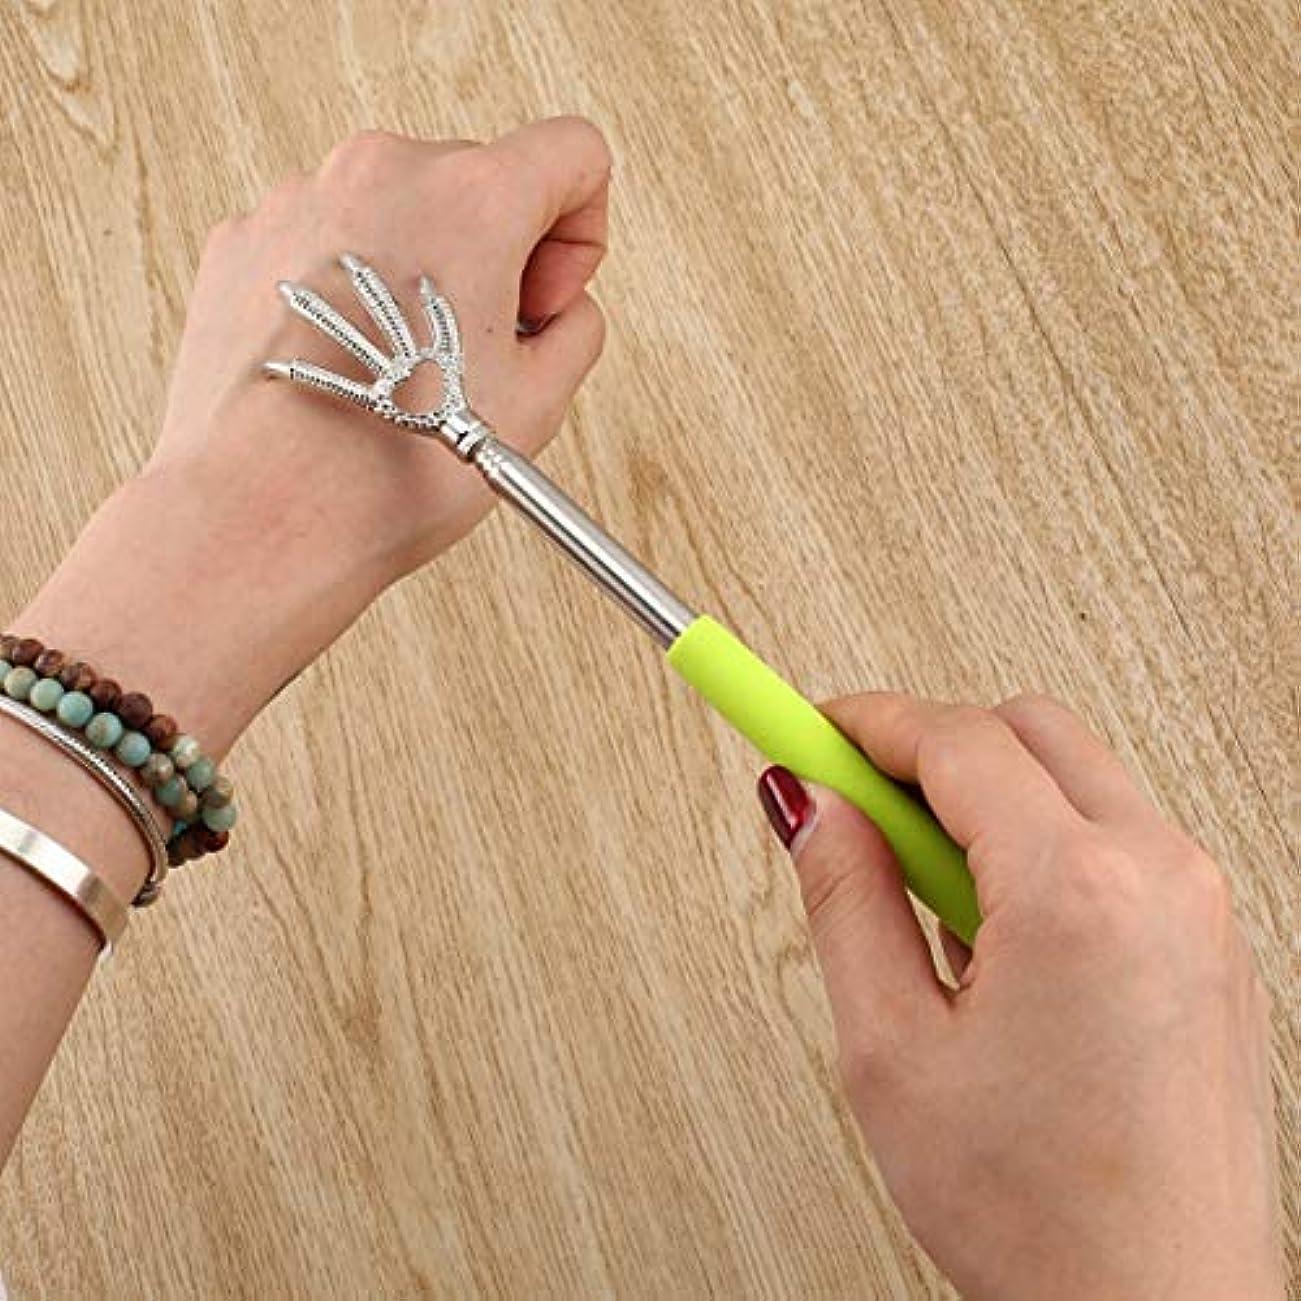 三番汚す落ち着いてCompact Telescopic Claw Stainless Steel Massager Back Scratcher 22-58cm Adjustable Back Scratching Massage Hand...